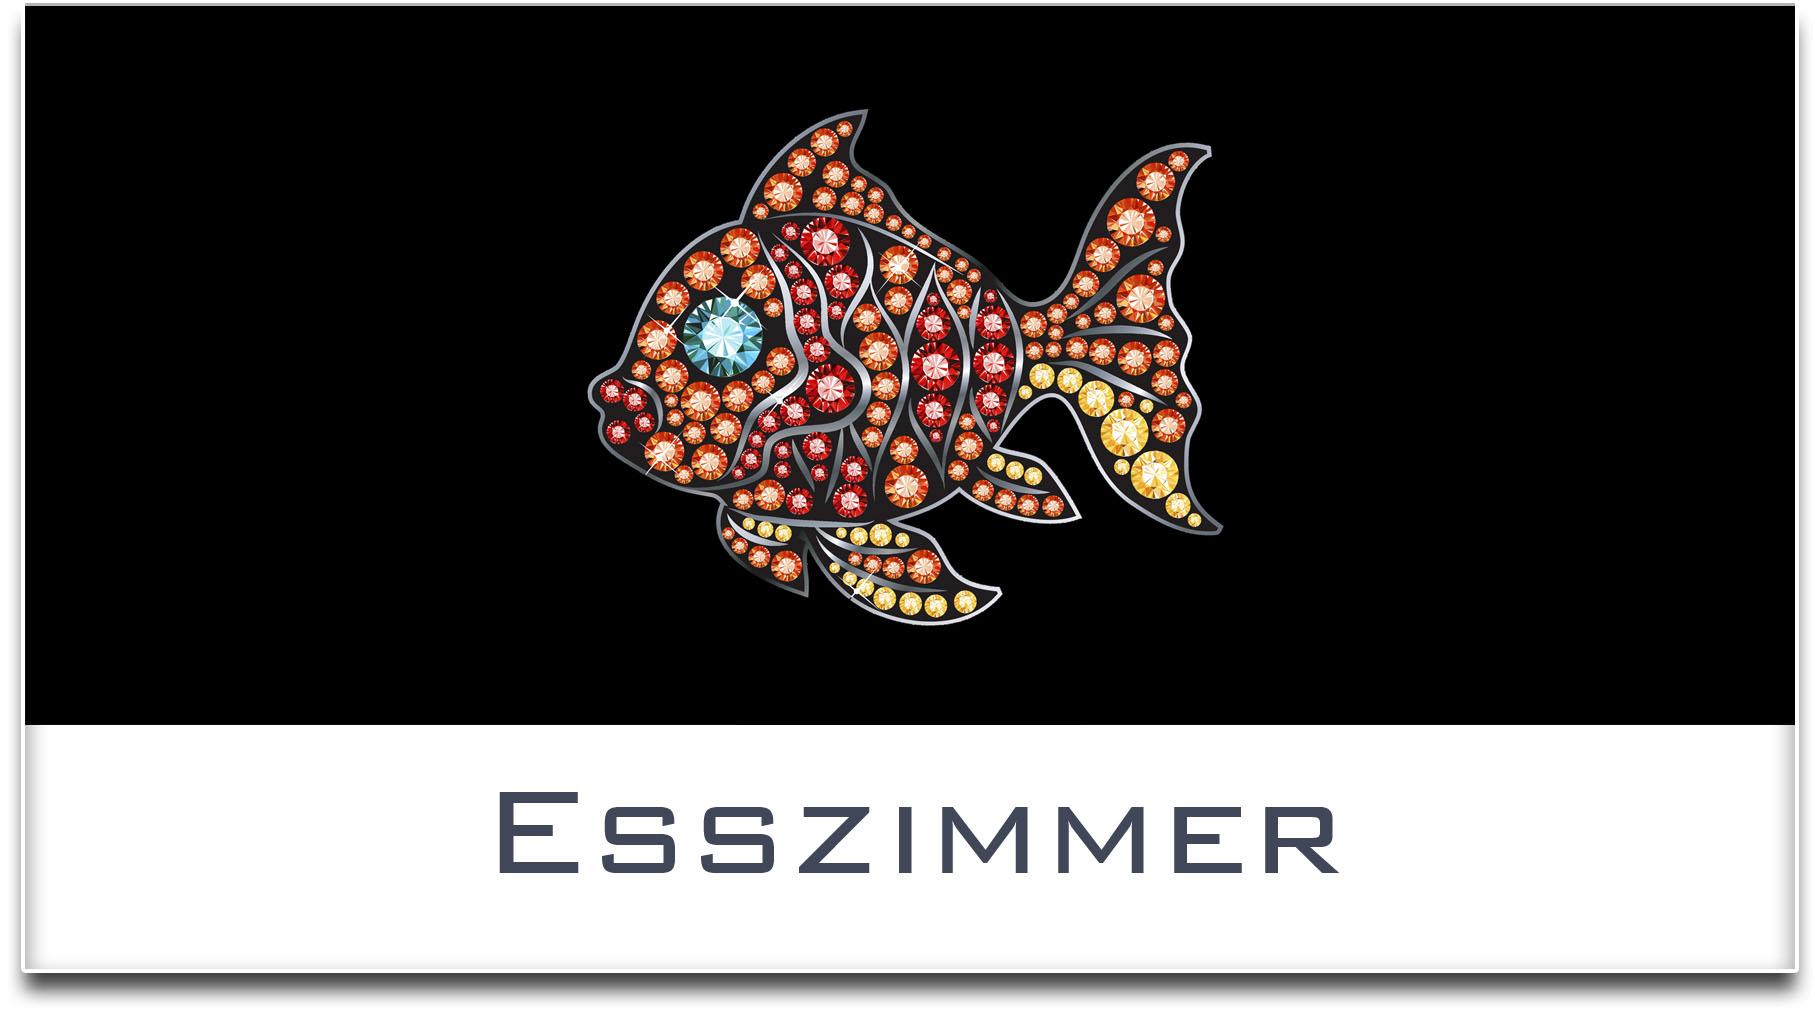 Türschild / Haustürschild / Fisch / Esszimmer / Selbstklebend